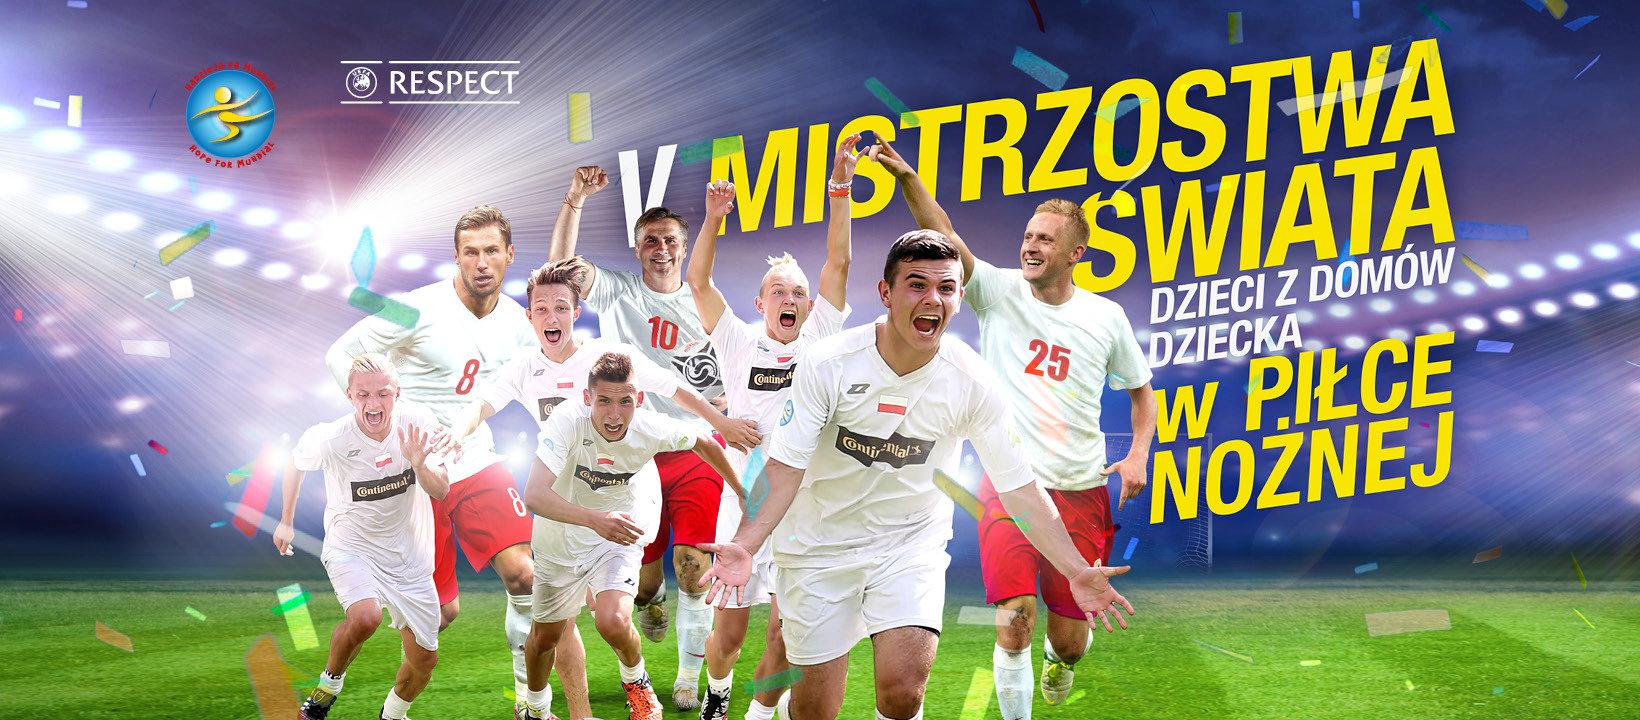 Hiszpania Mistrzem Świata Dzieci z Domów Dziecka w Piłce Nożnej!